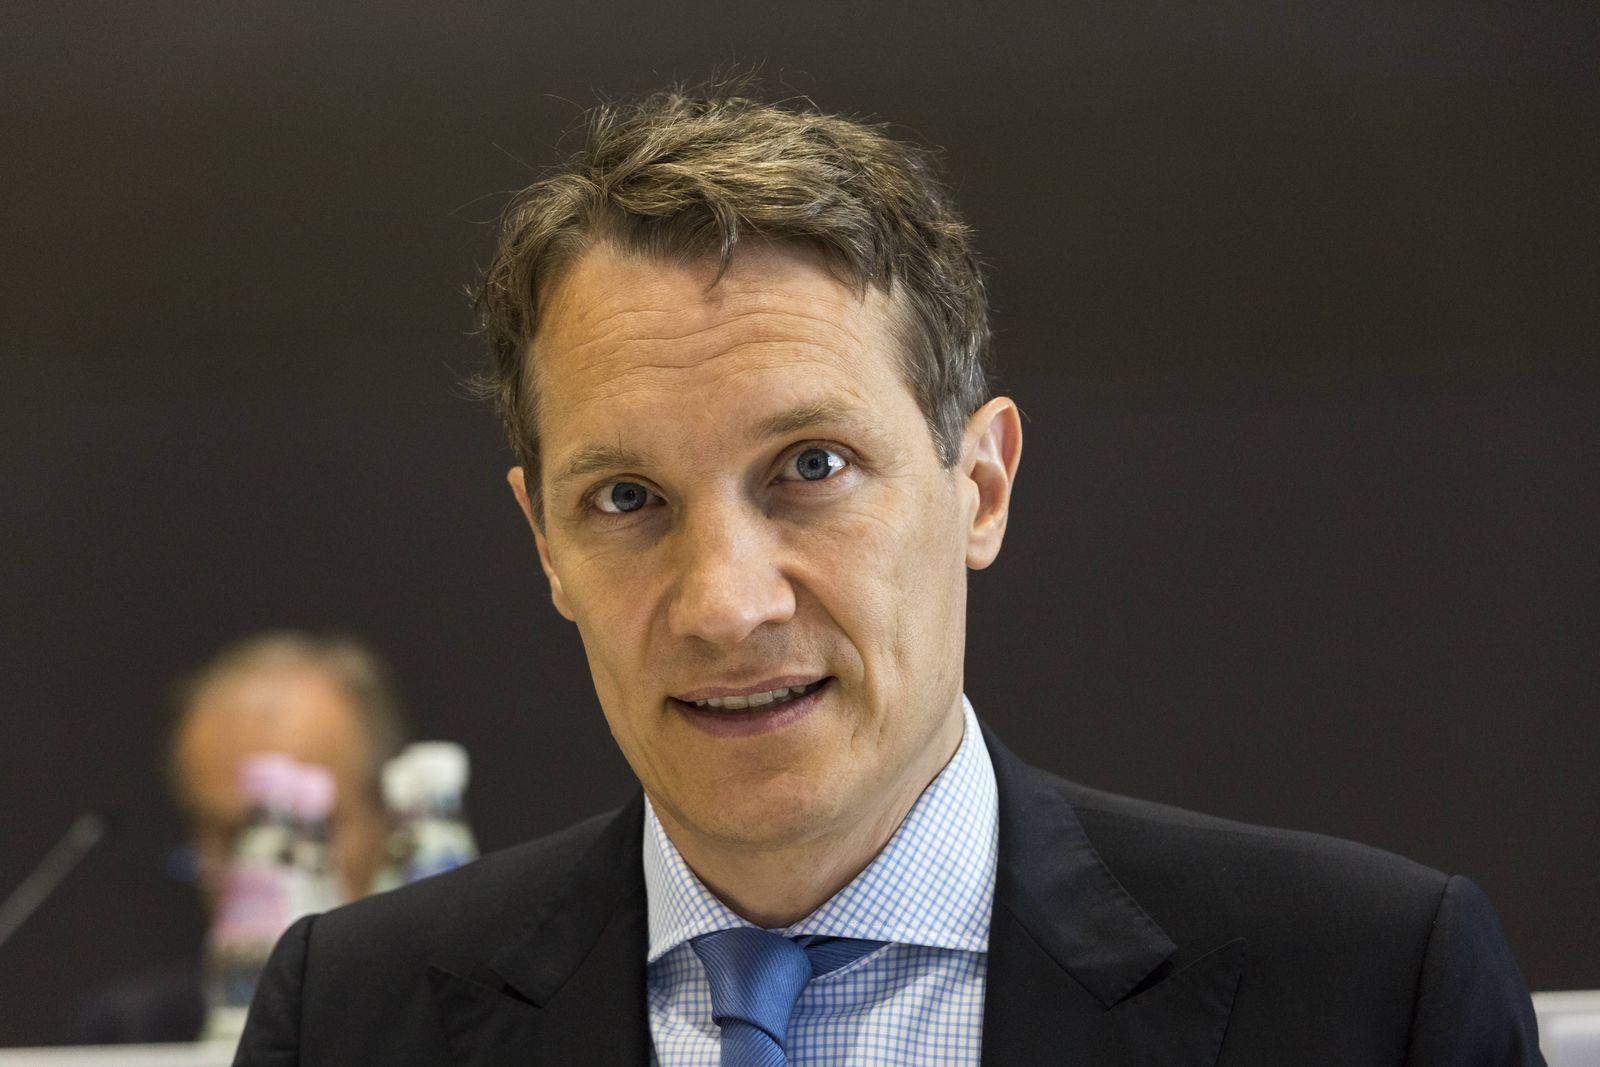 Oliver Samwer CEO und Vorstandvorsitzender auf der Hauptversammlung der Rockt Internet SE am 08 06